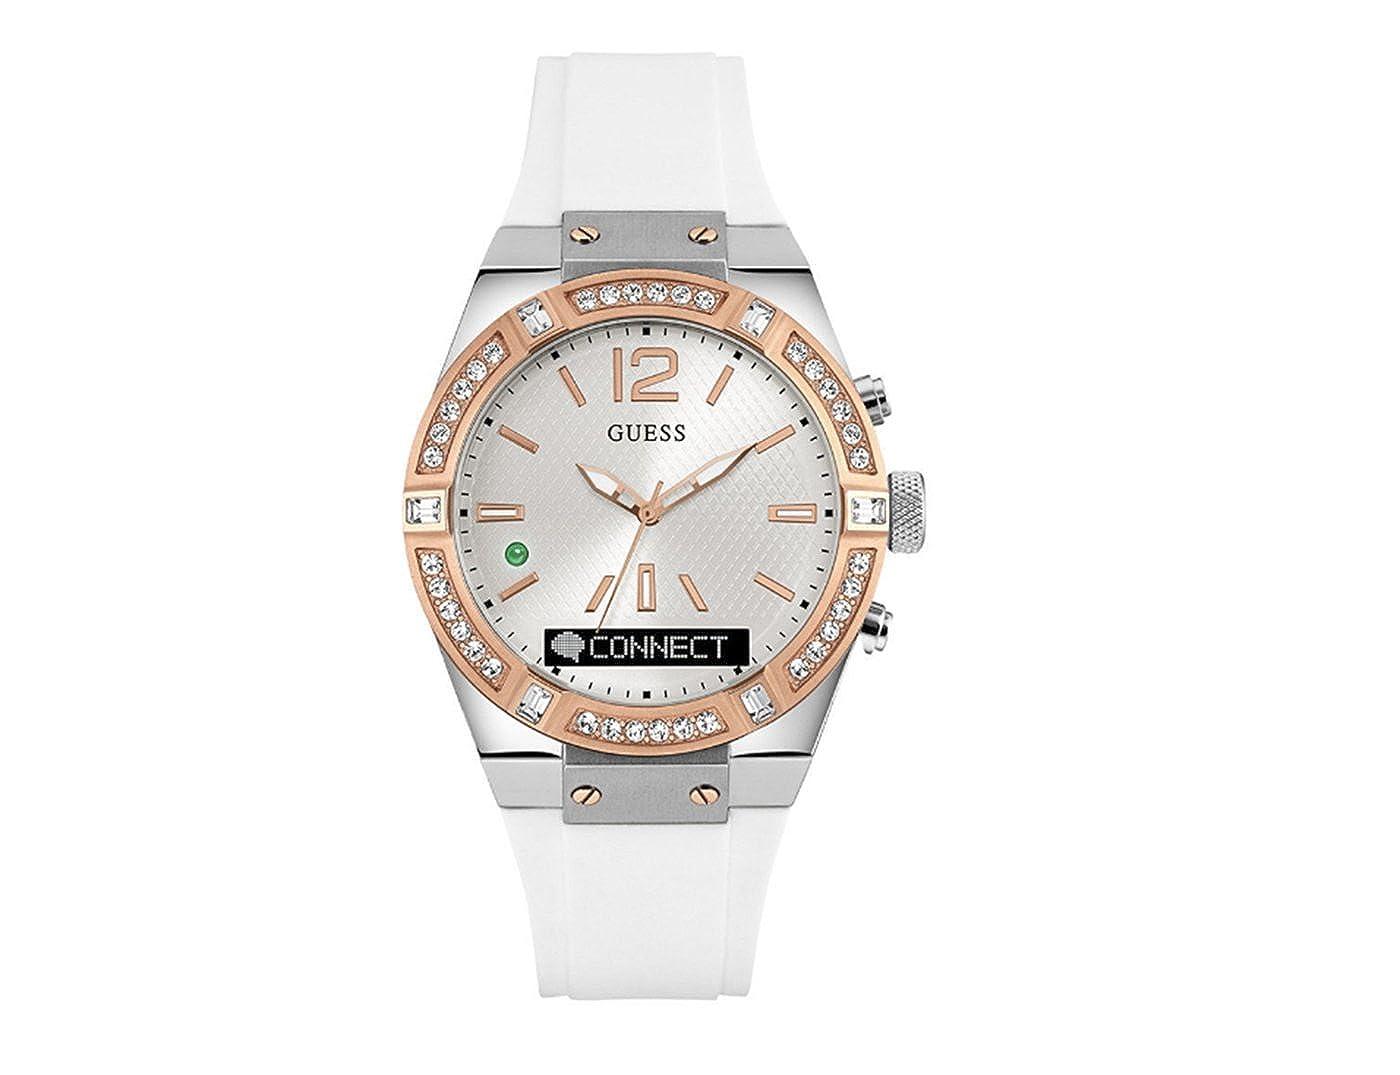 (ゲス) GUESS Women's Connect 41mm レディース スマート 腕時計 Ladies Smart Watch in White/Silver/Rose Gold Tone 並行輸入品】 [並行輸入品] B01JG7CSIY